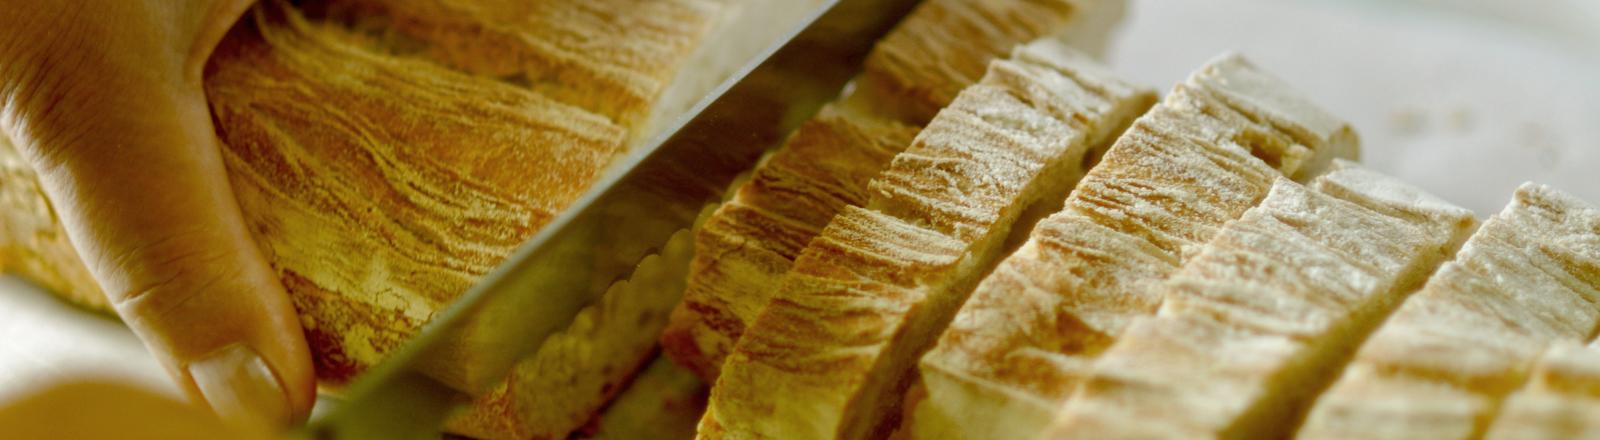 Ein Baguette